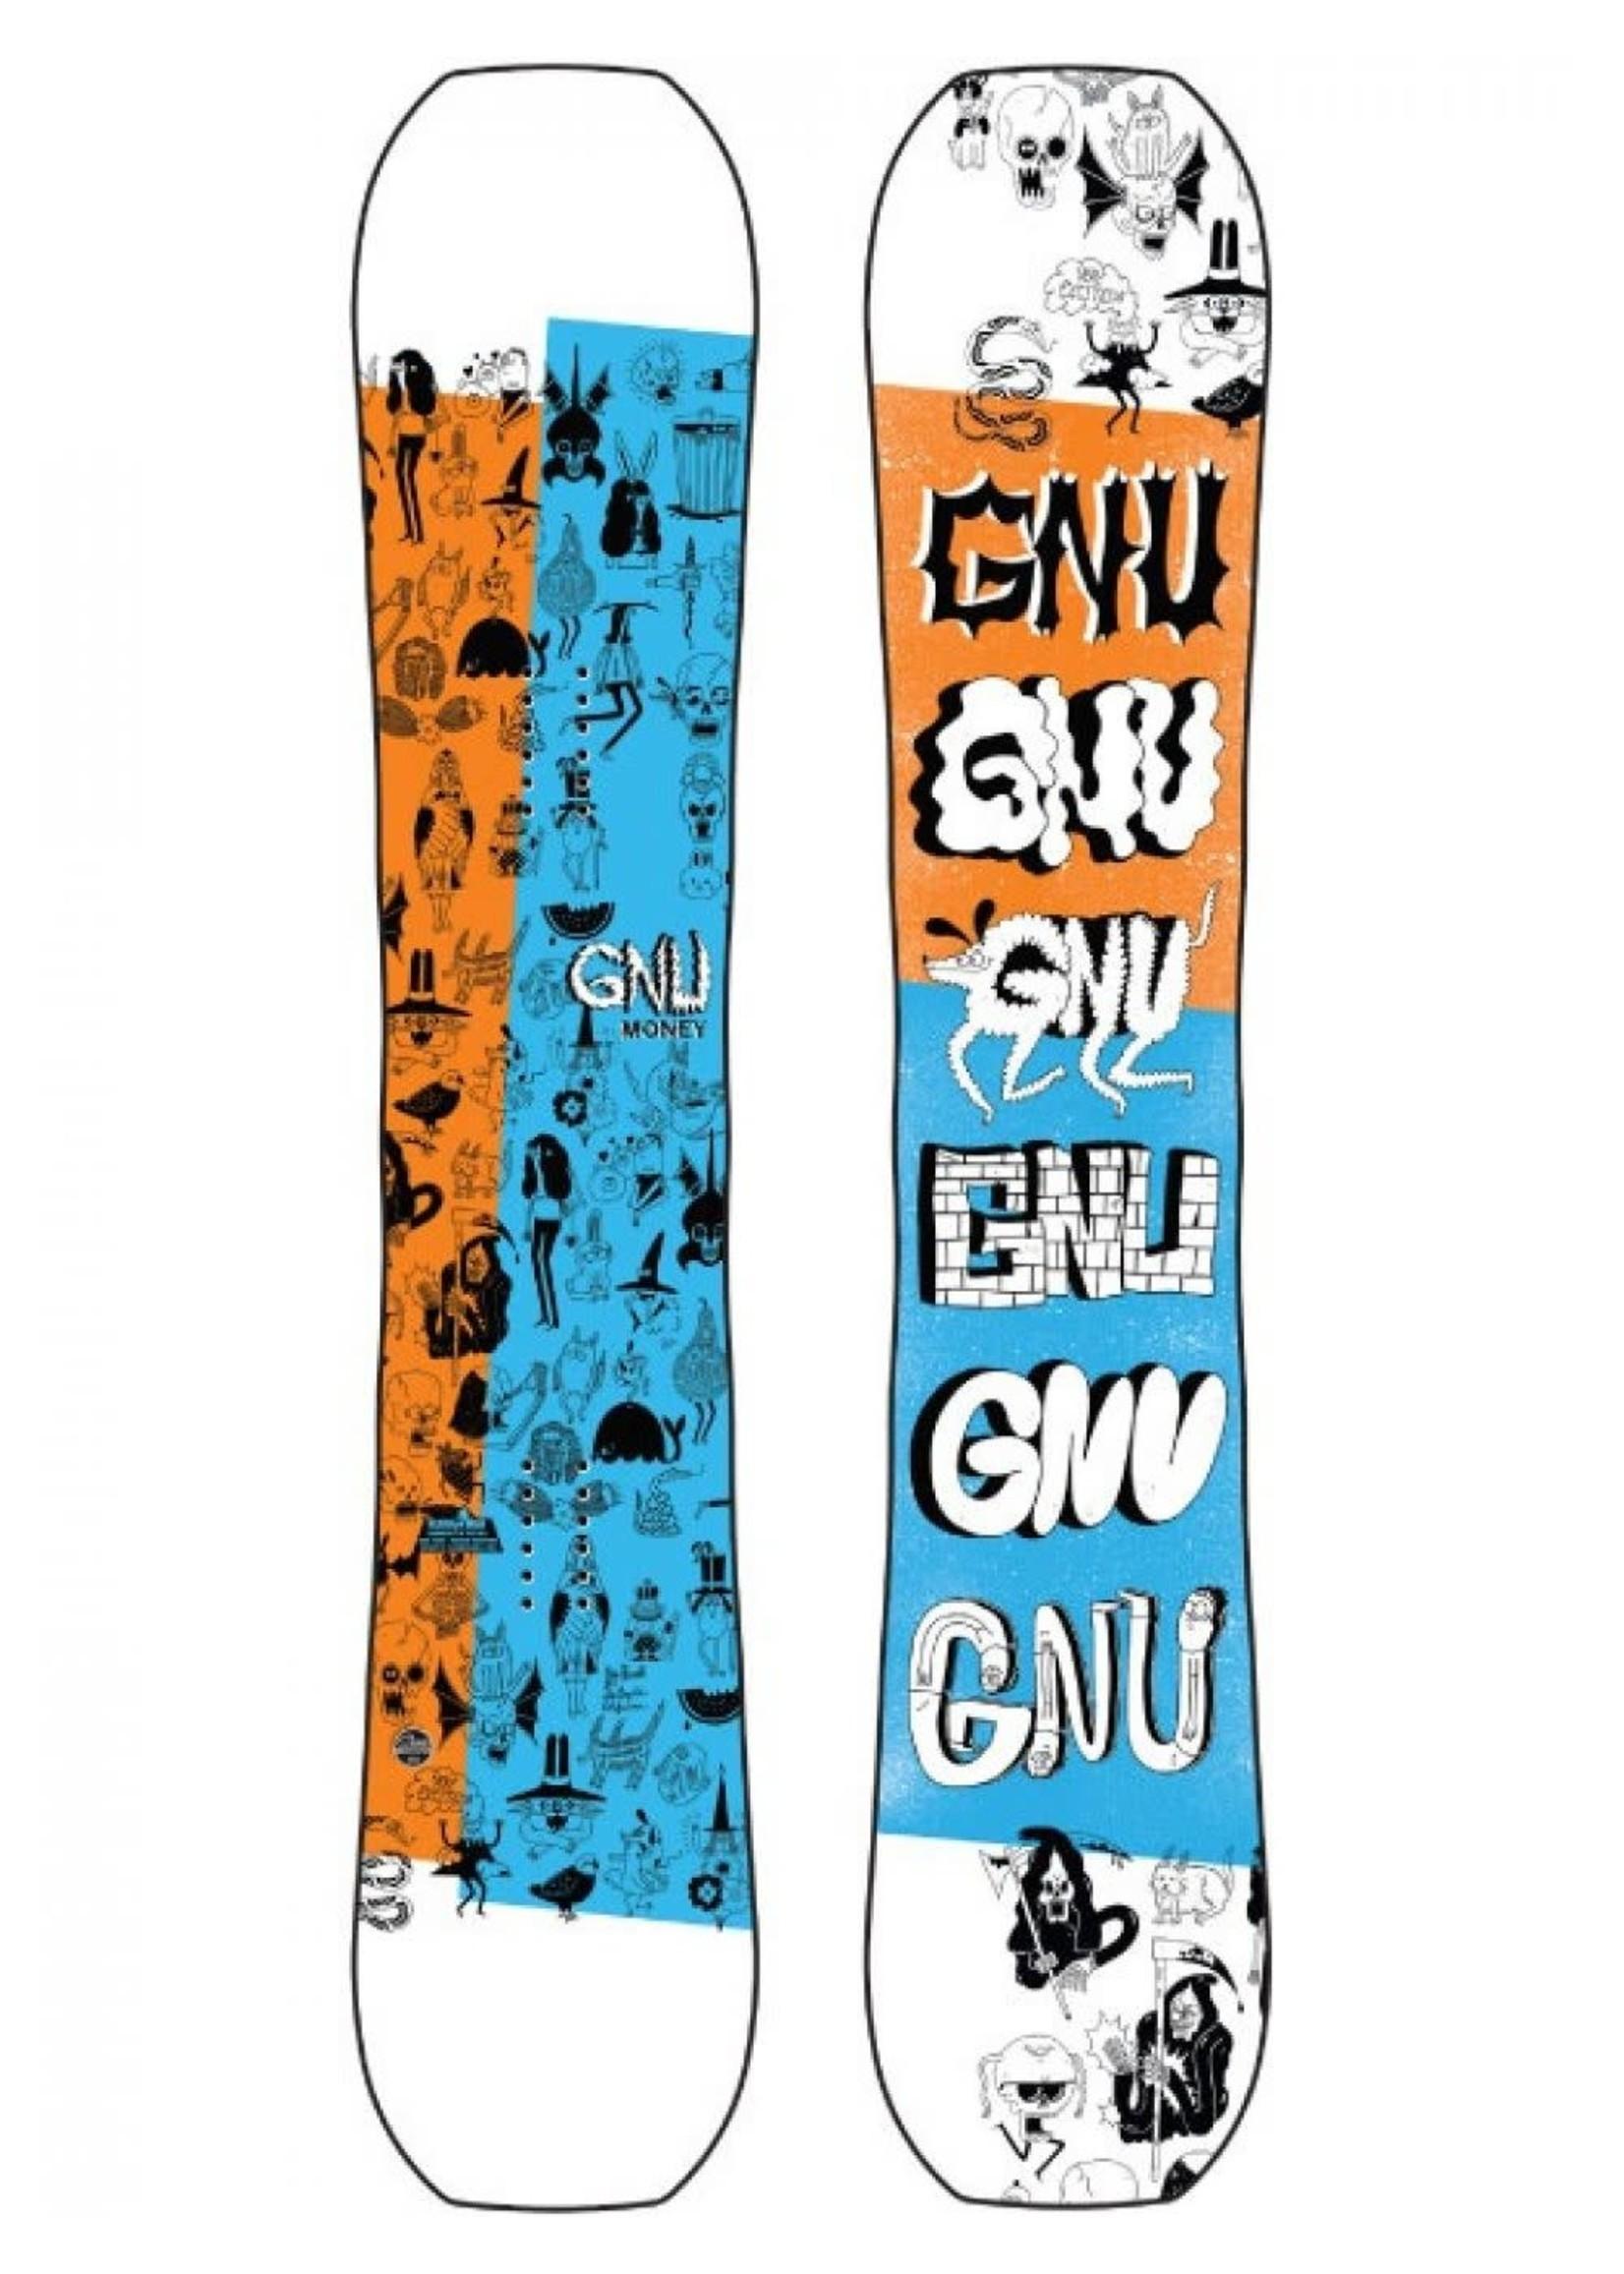 GNU GNU- Money, 21, 148